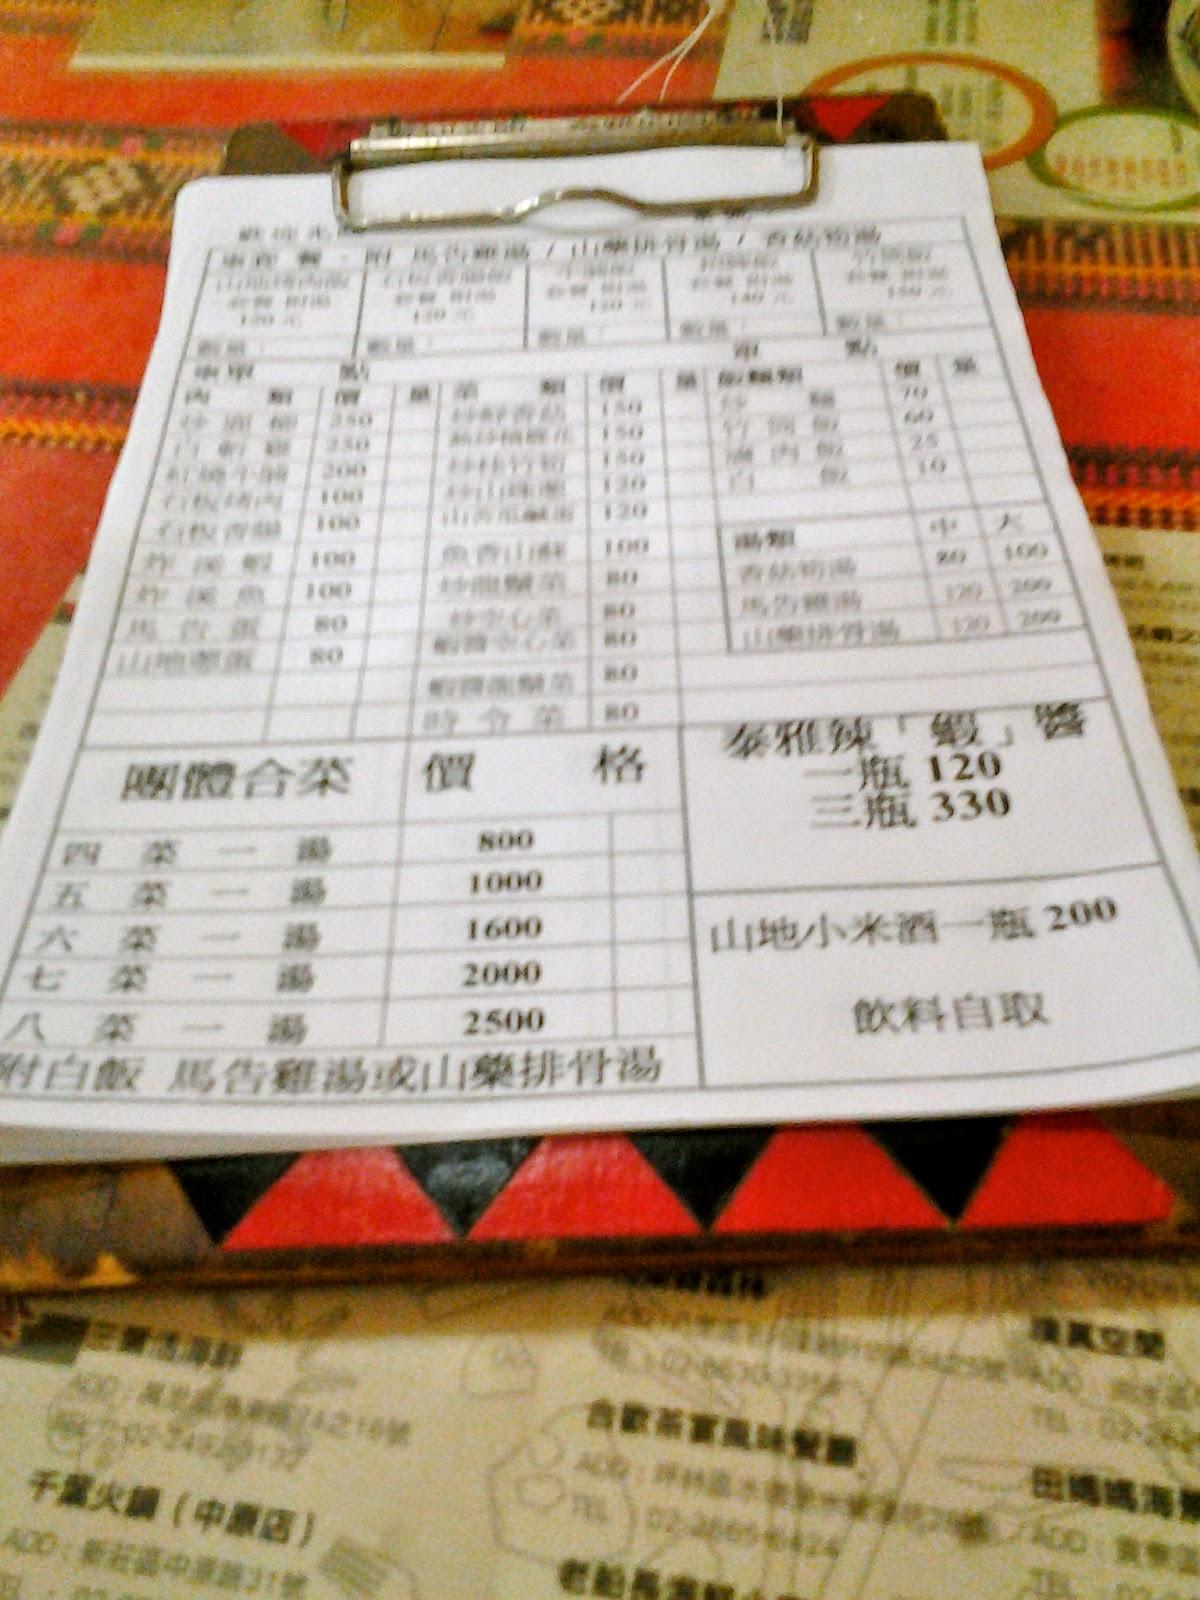 Taiwan Wulai Aboriginal Restaurant Menu